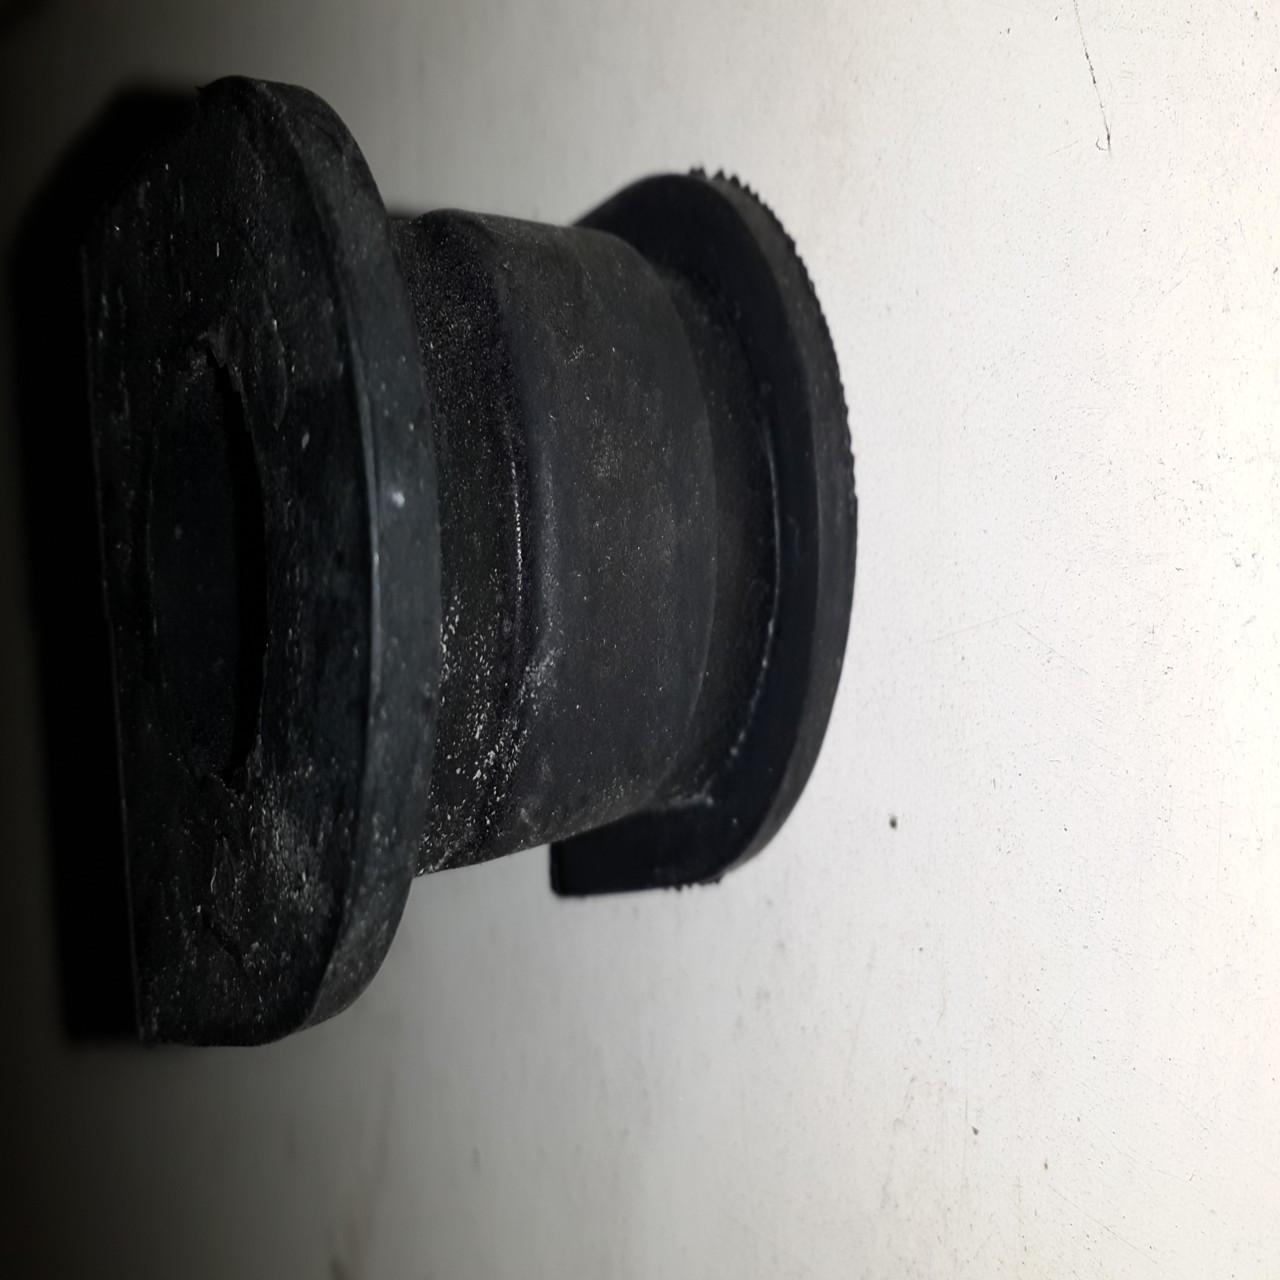 Втулка стабилизатора передняя Матиз / Matiz, 96322618